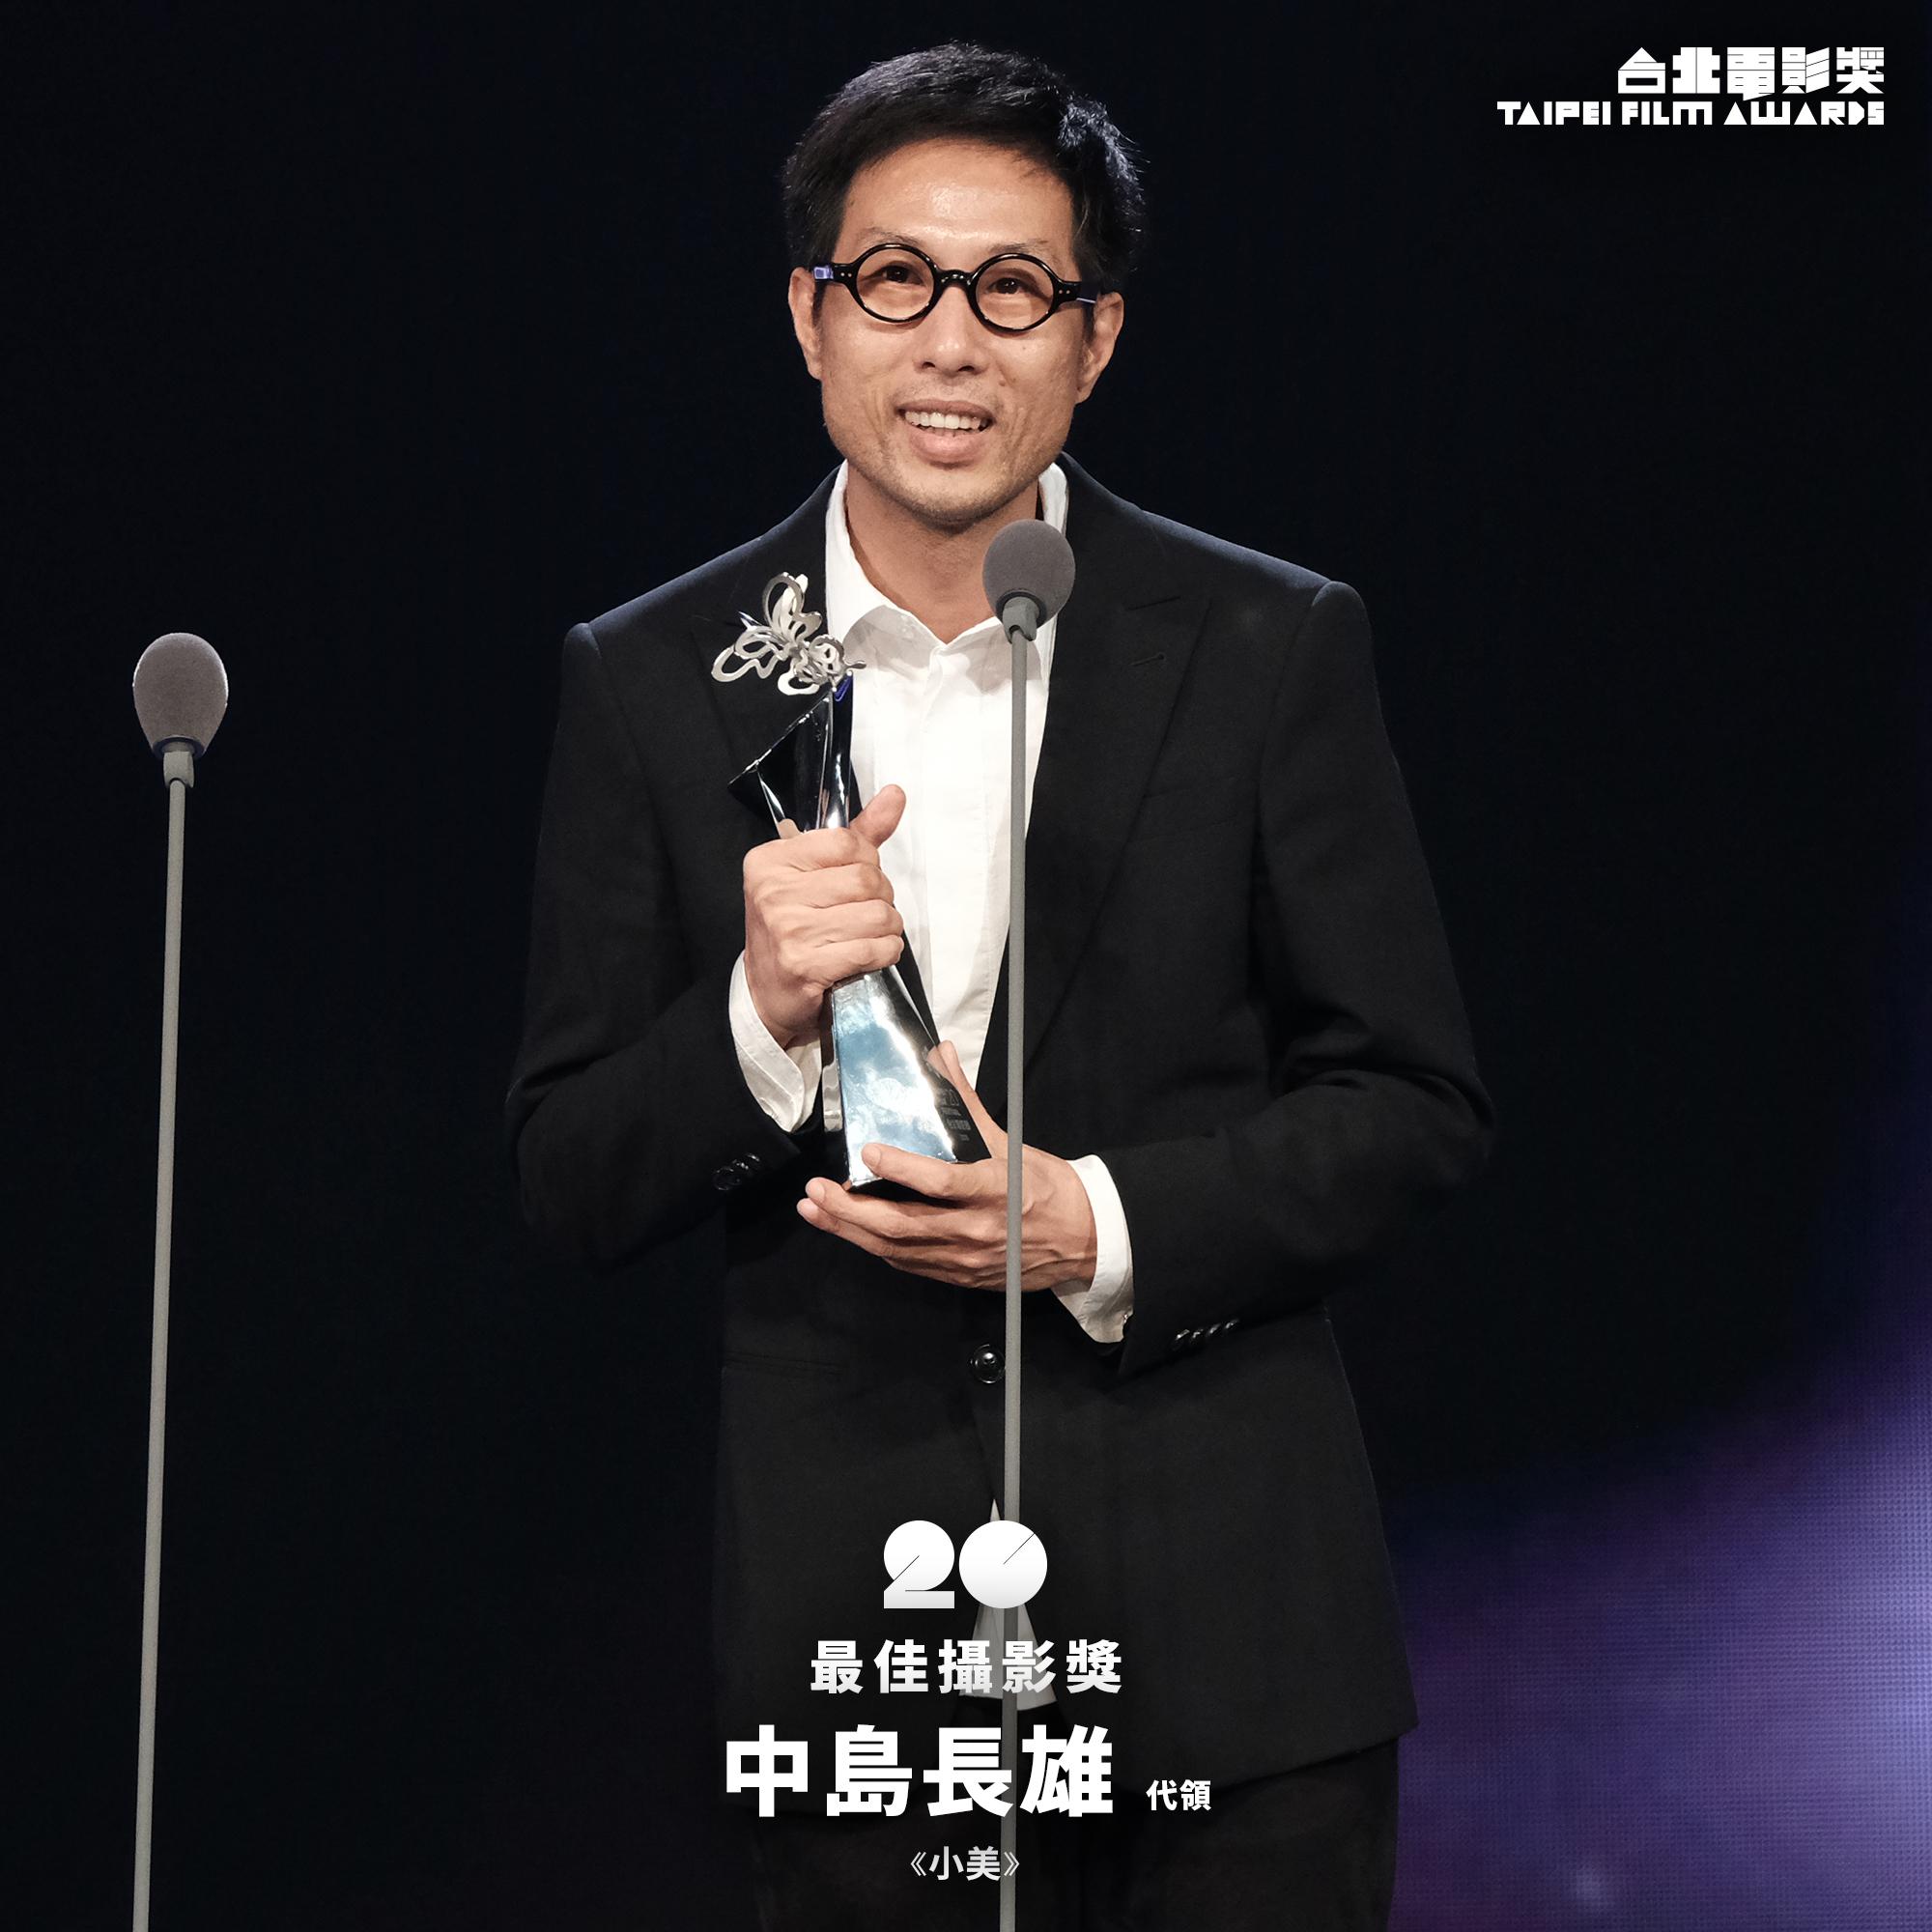 導演黃榮昇代領最佳攝影獎